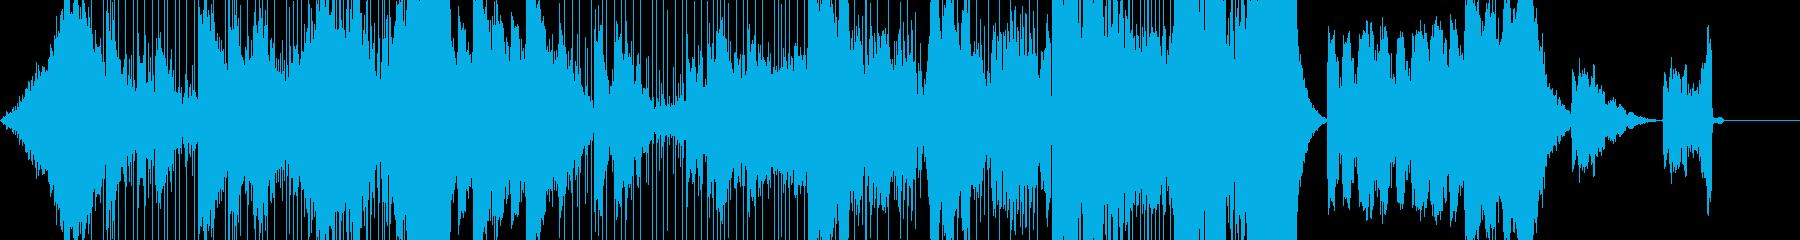 緊迫した雰囲気のダークファンタジー系音楽の再生済みの波形